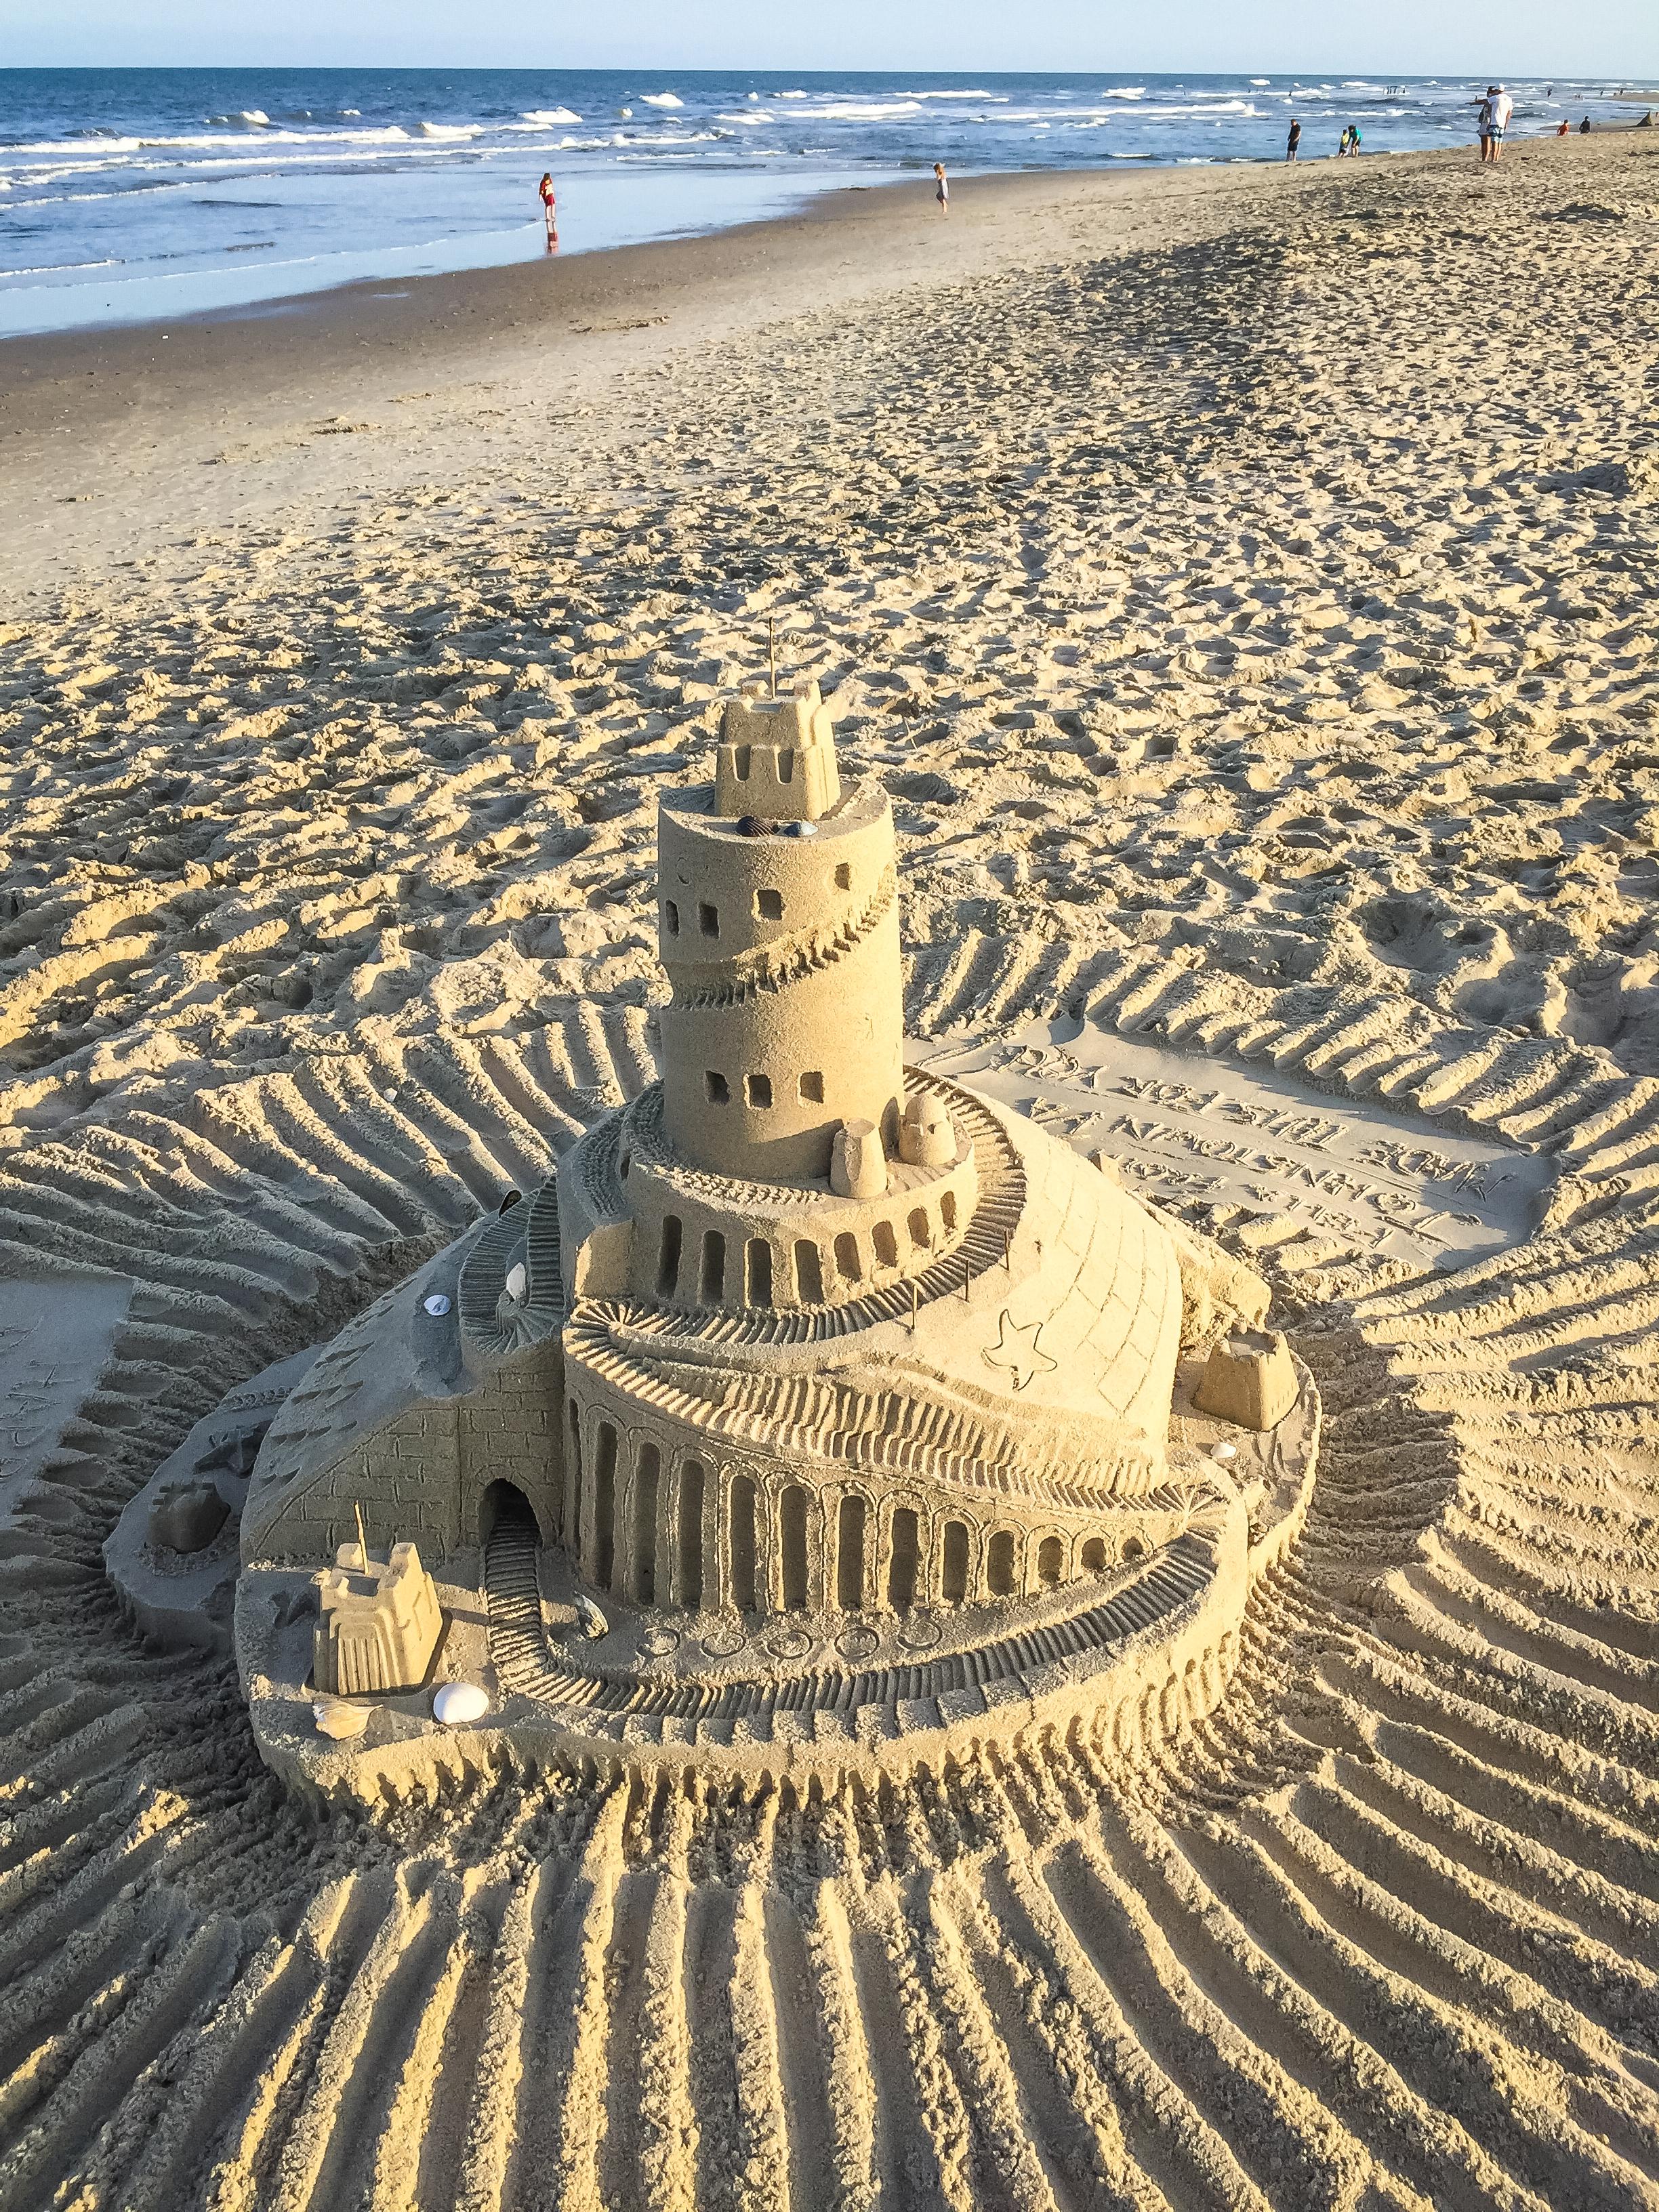 Sand Castle - Chincoteague beach